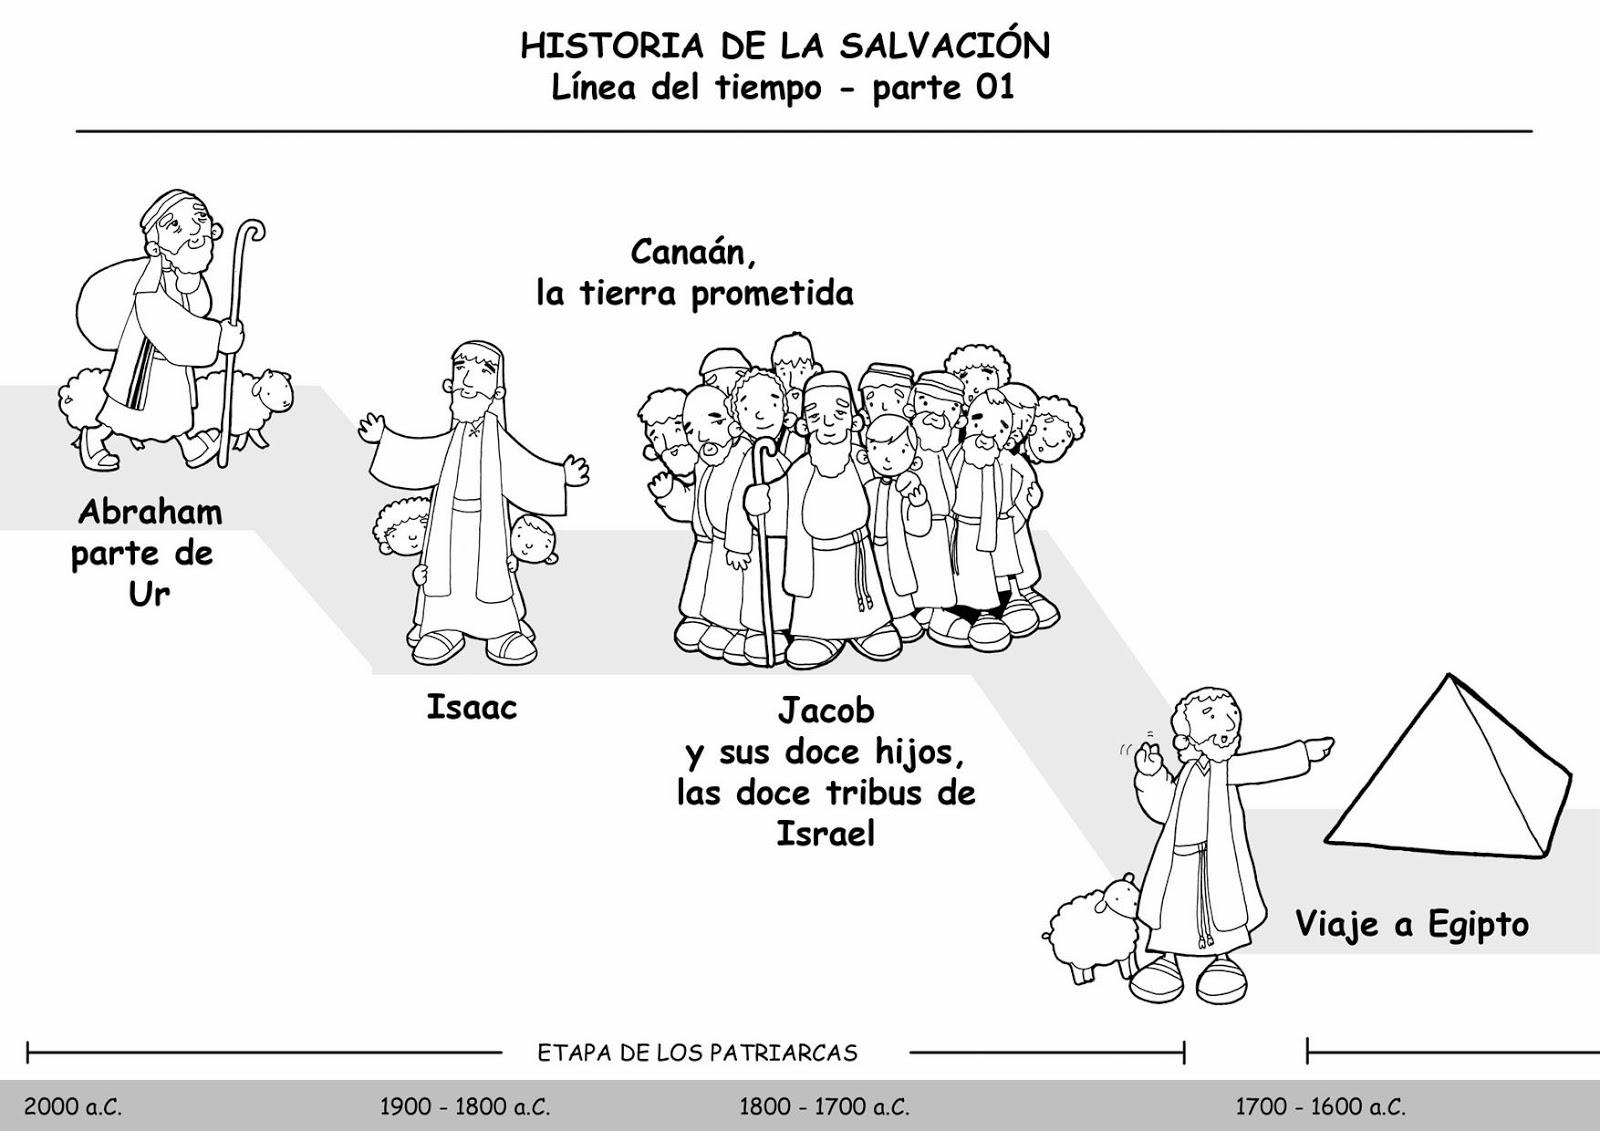 CLASERELI-CHARI: LÍNEA DEL TIEMPO